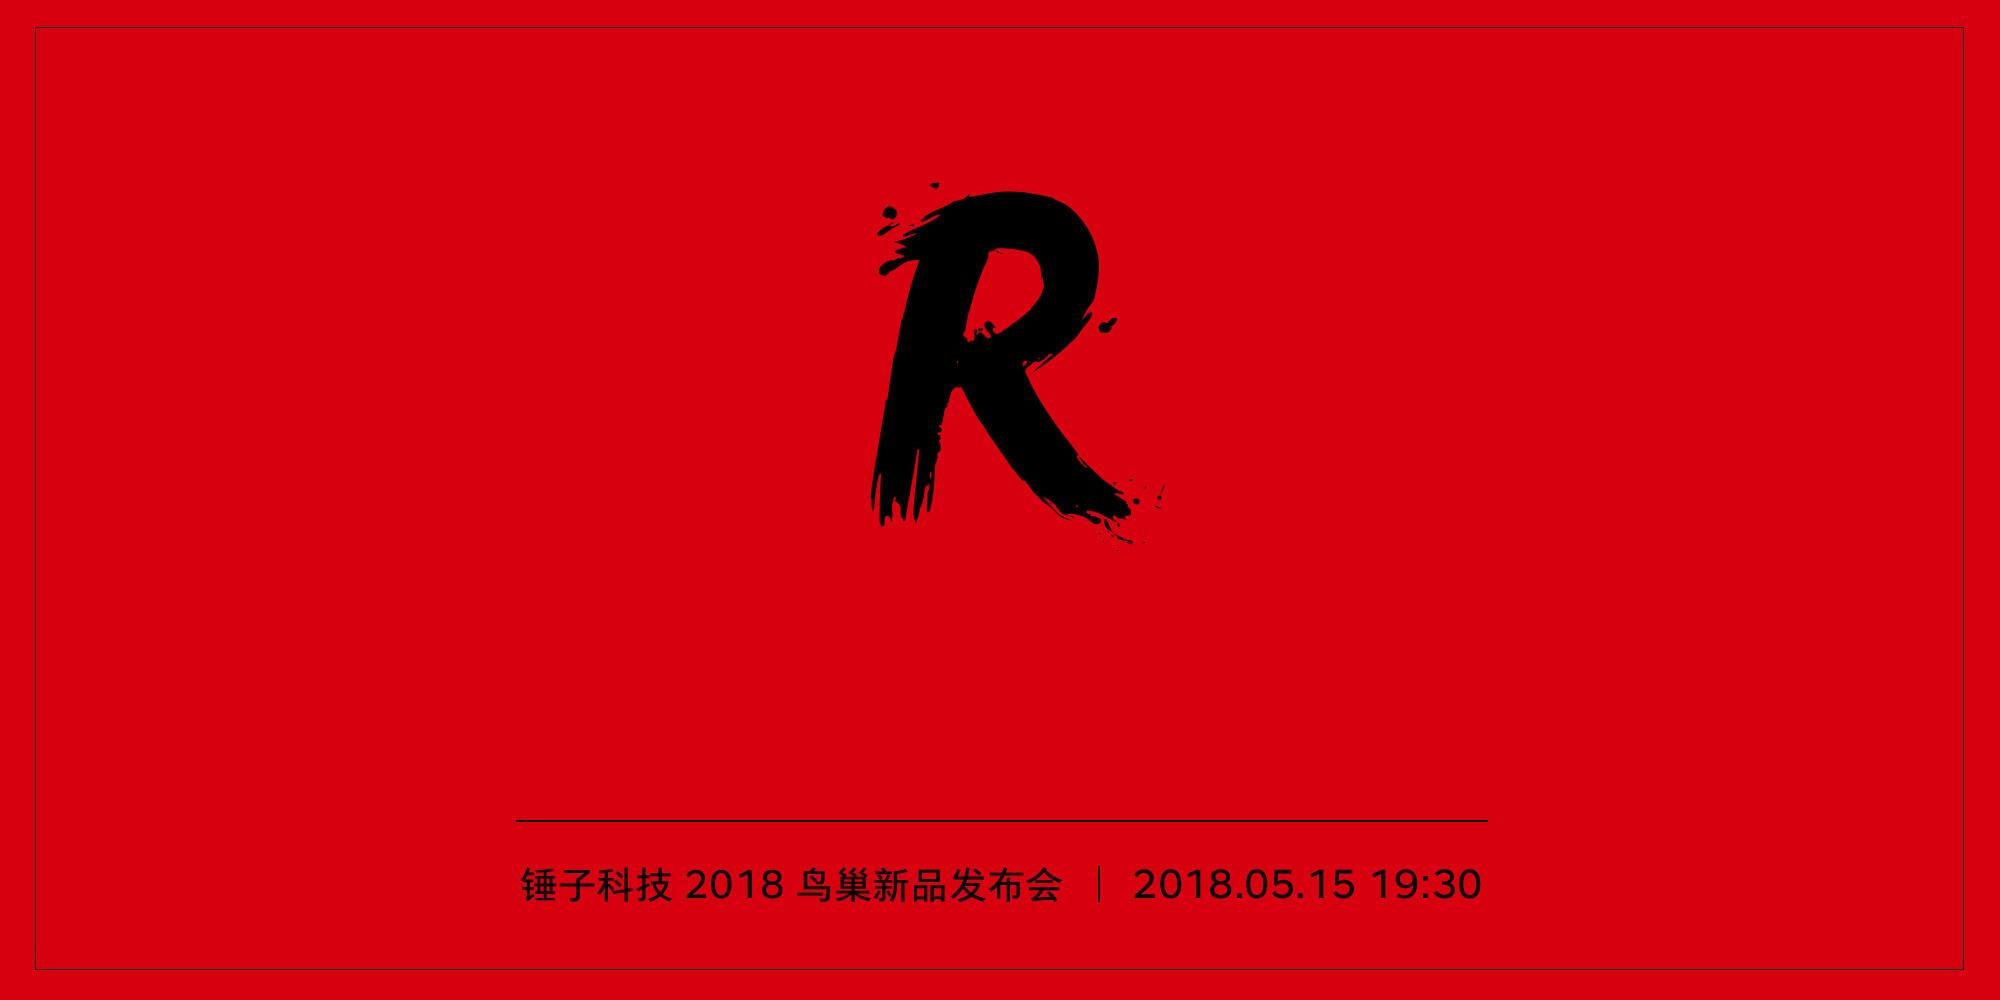 锤子科技2018鸟巢新品发布会